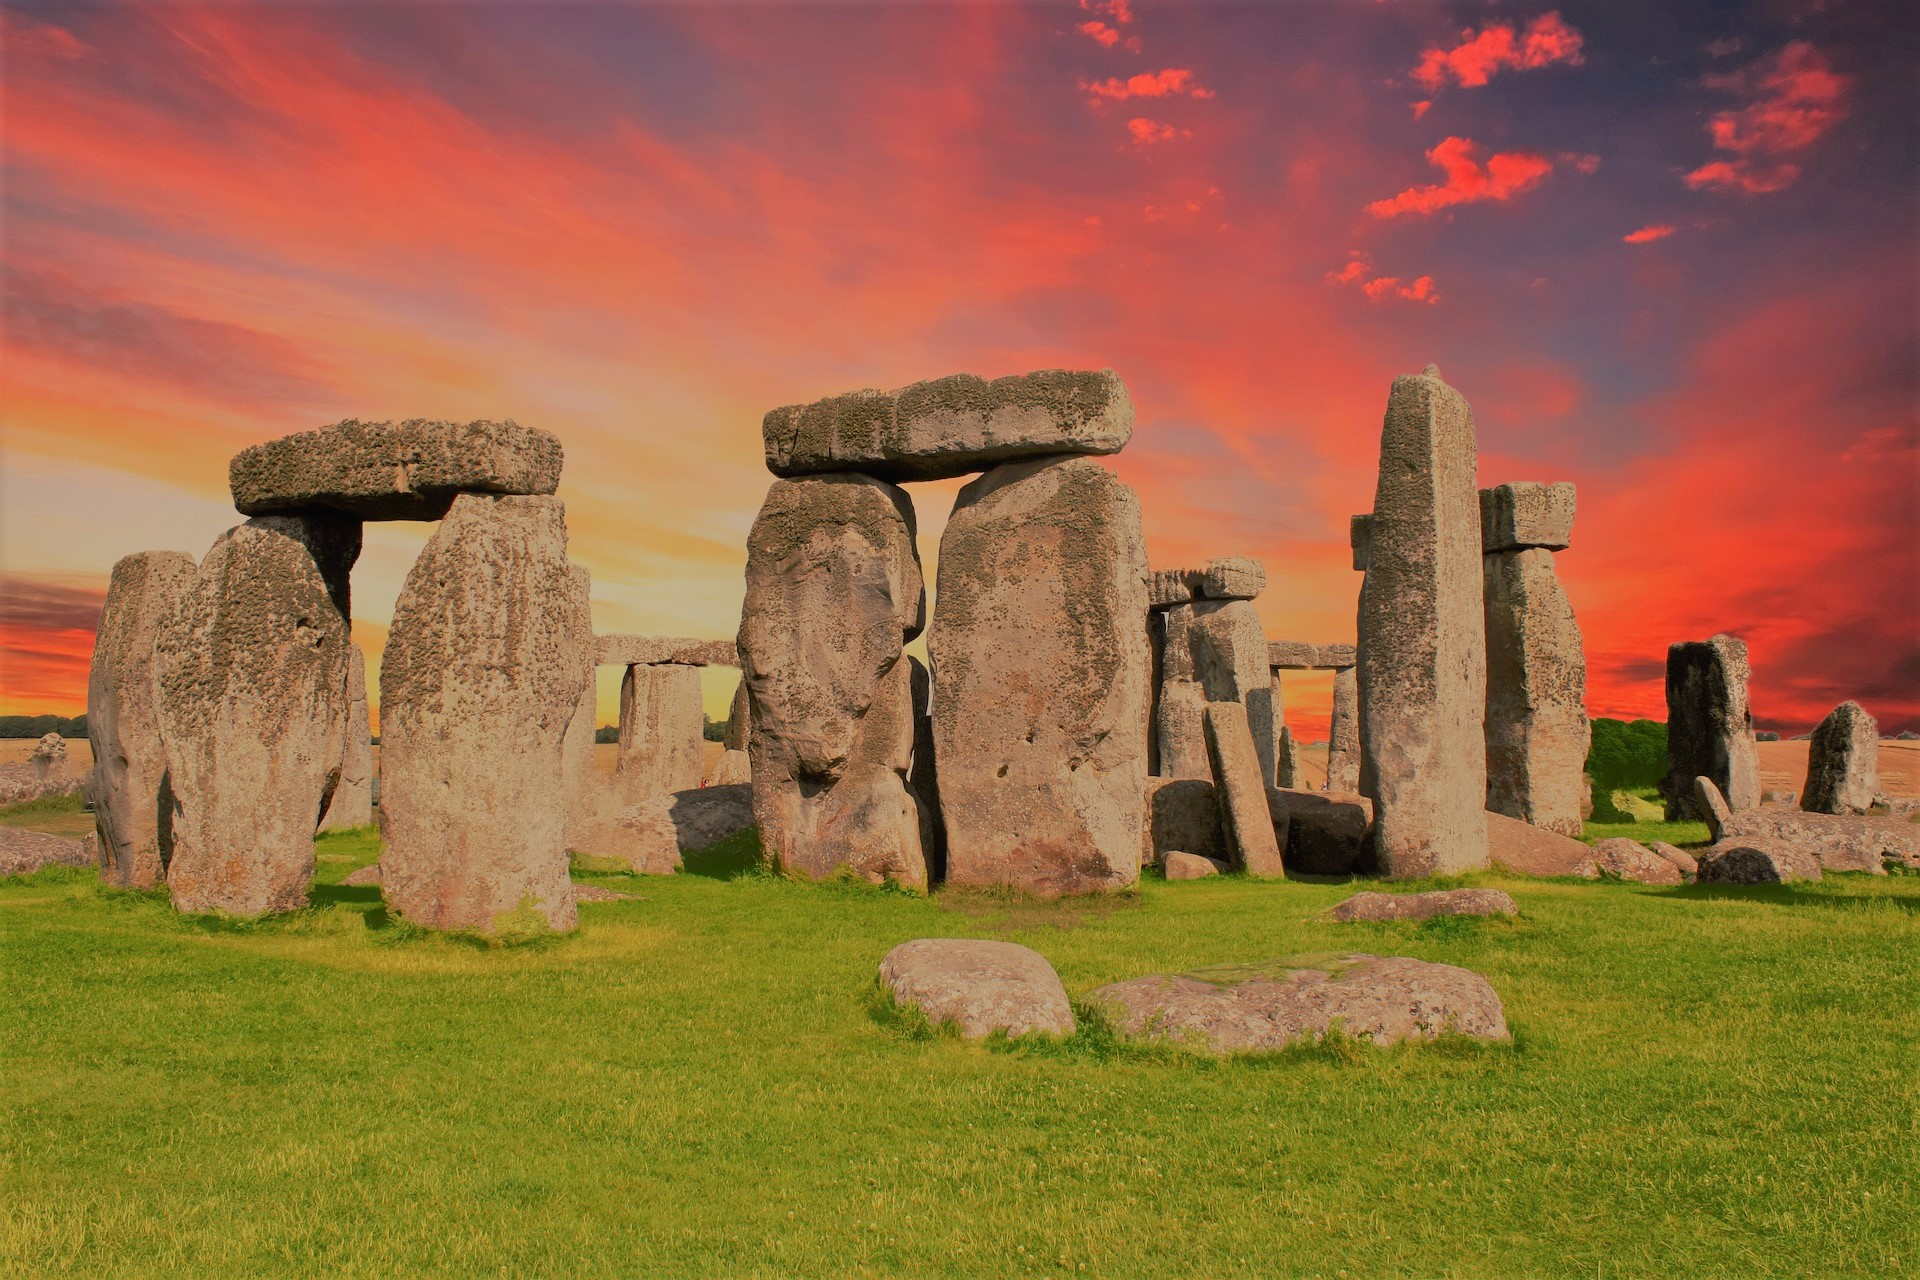 stonehenge-2326750_1920